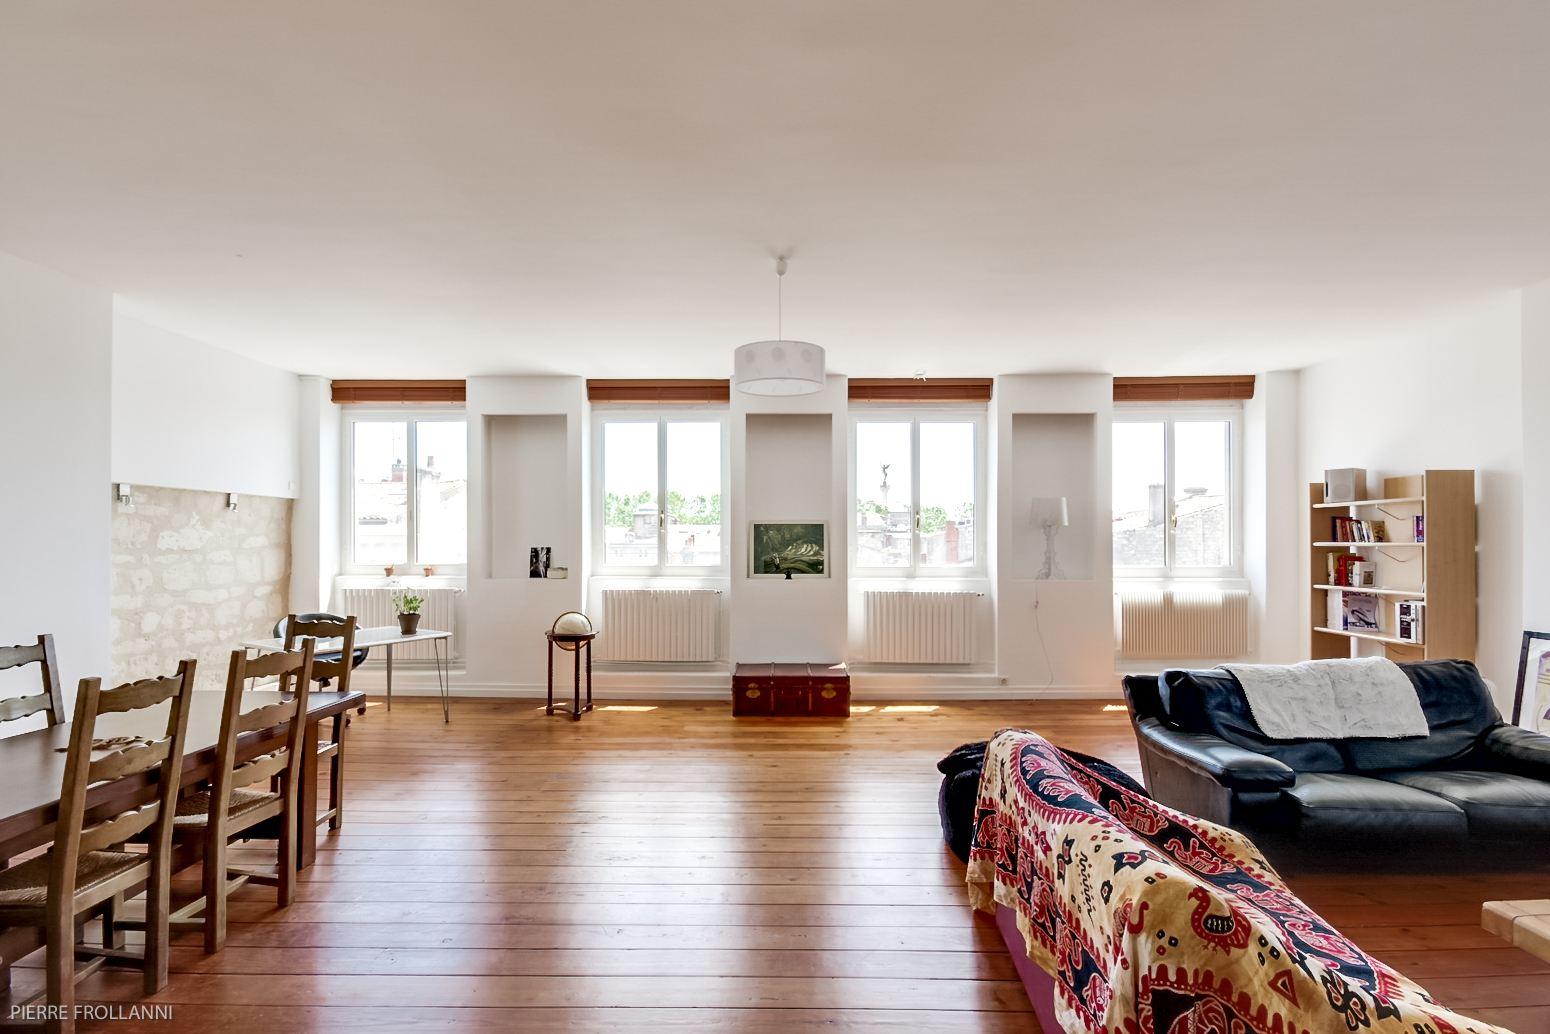 Appartamento per Vendita alle ore BORDEAUX - JARDIN PUBLIC - VASTE APPARTEMENT TRAVERSANT AVEC ASCENSEUR Bordeaux, Aquitania, 33000 Francia